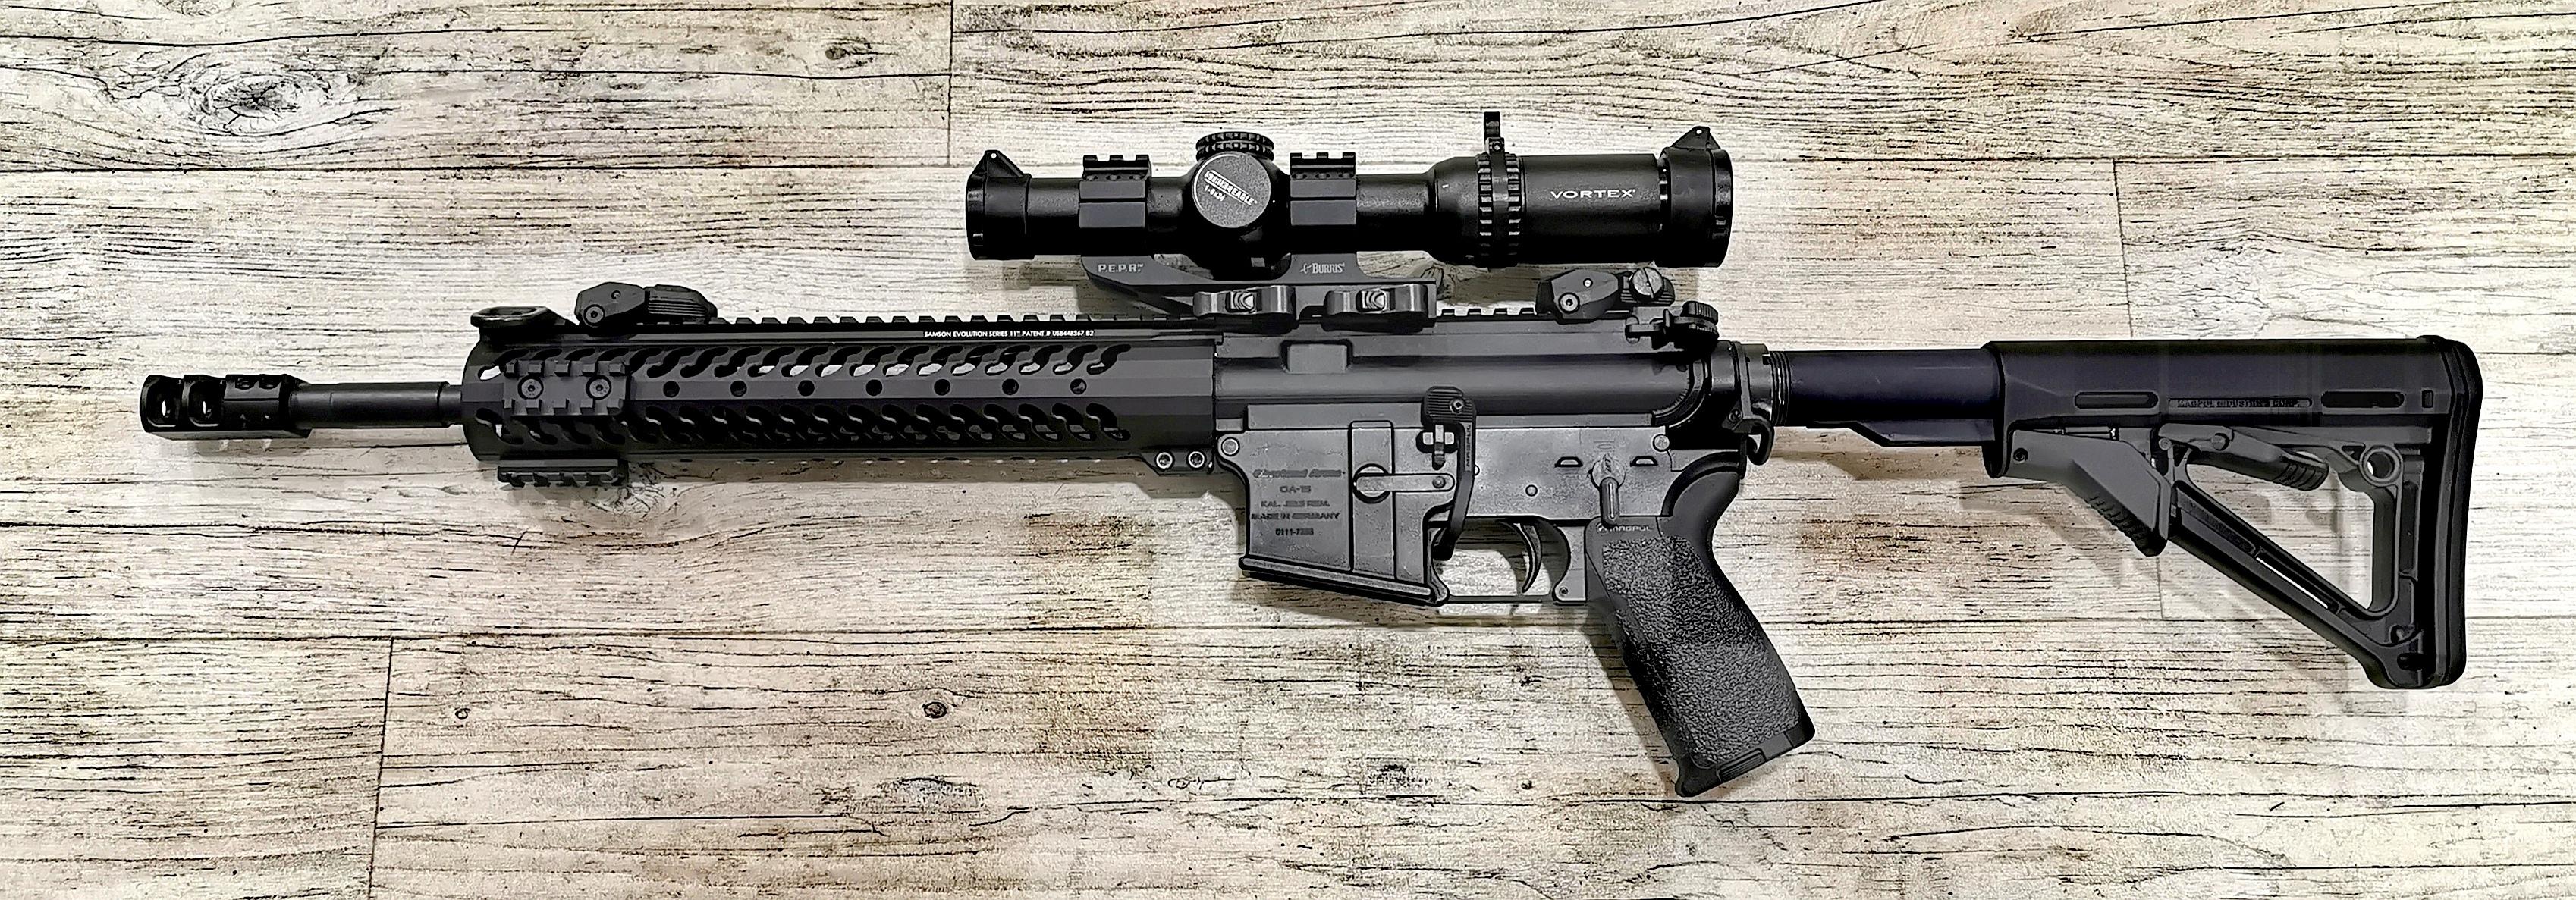 Oberland Arms OA 15 cal. 223Rem. inkl.Vortex Strike Eagle 1-6x24